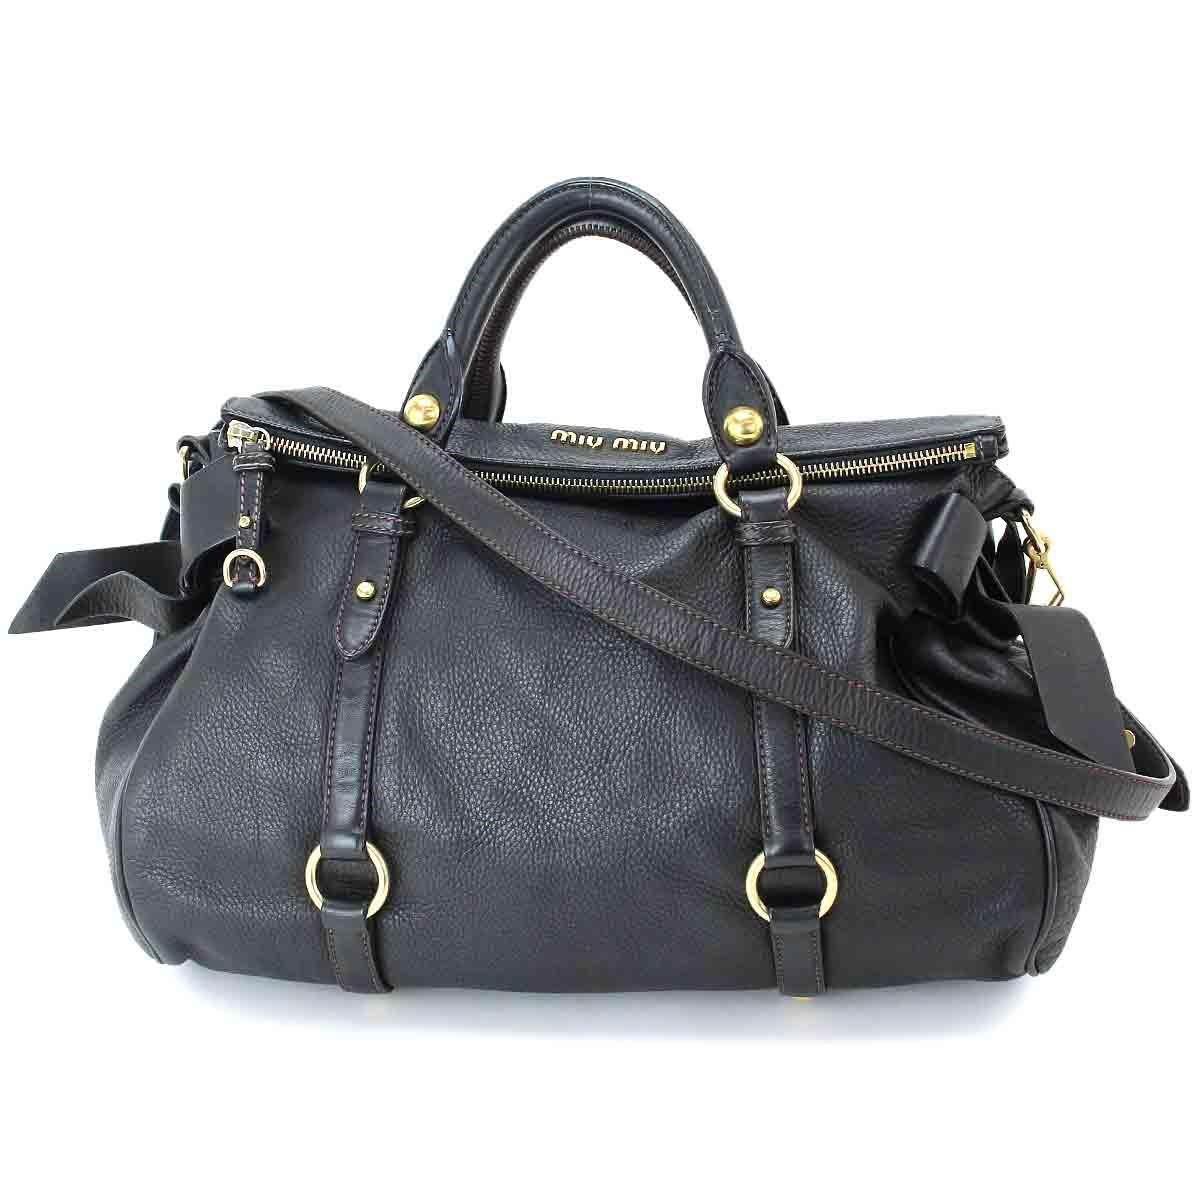 52e77167474 Lyst - Miu Miu Miumiu 2way Hand Shoulder Bag Side Ribbon Leather ...